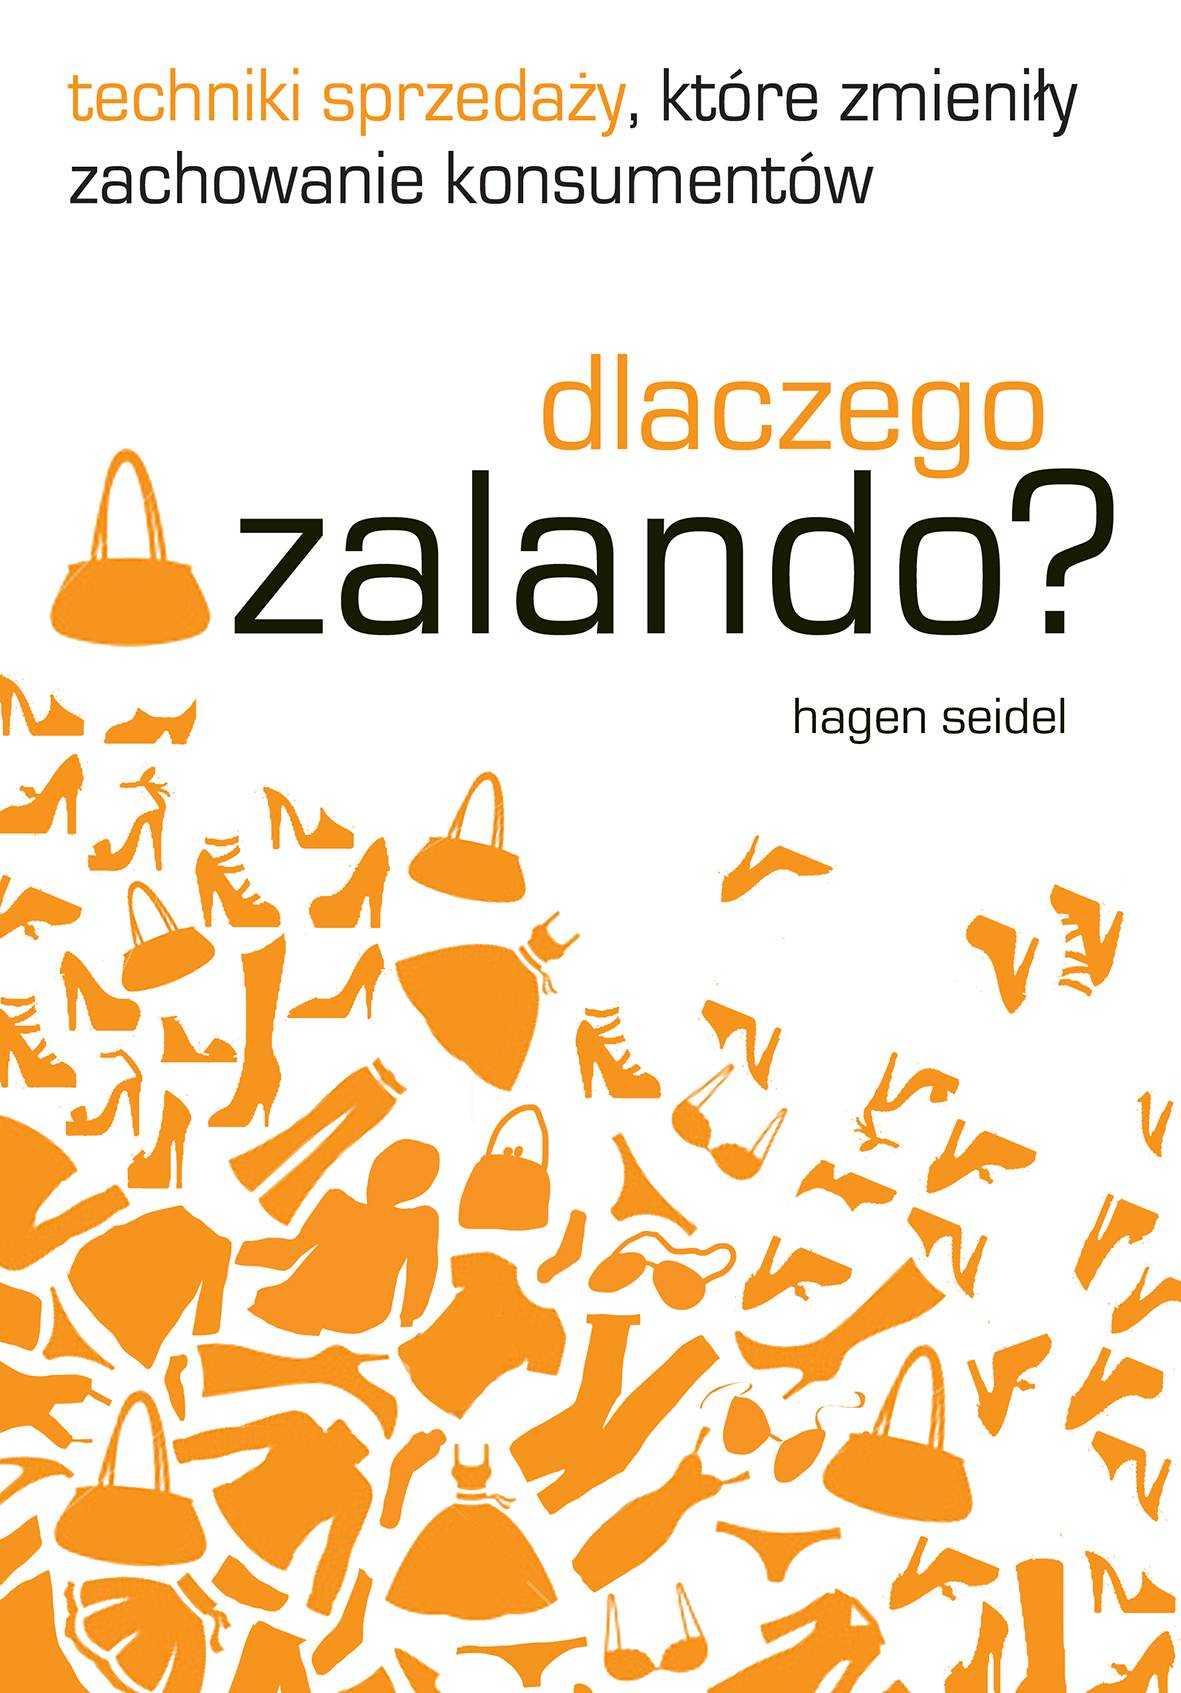 Dlaczego Zalando? Techniki sprzedaży, które zmieniły zachowanie konsumentów - Ebook (Książka EPUB) do pobrania w formacie EPUB